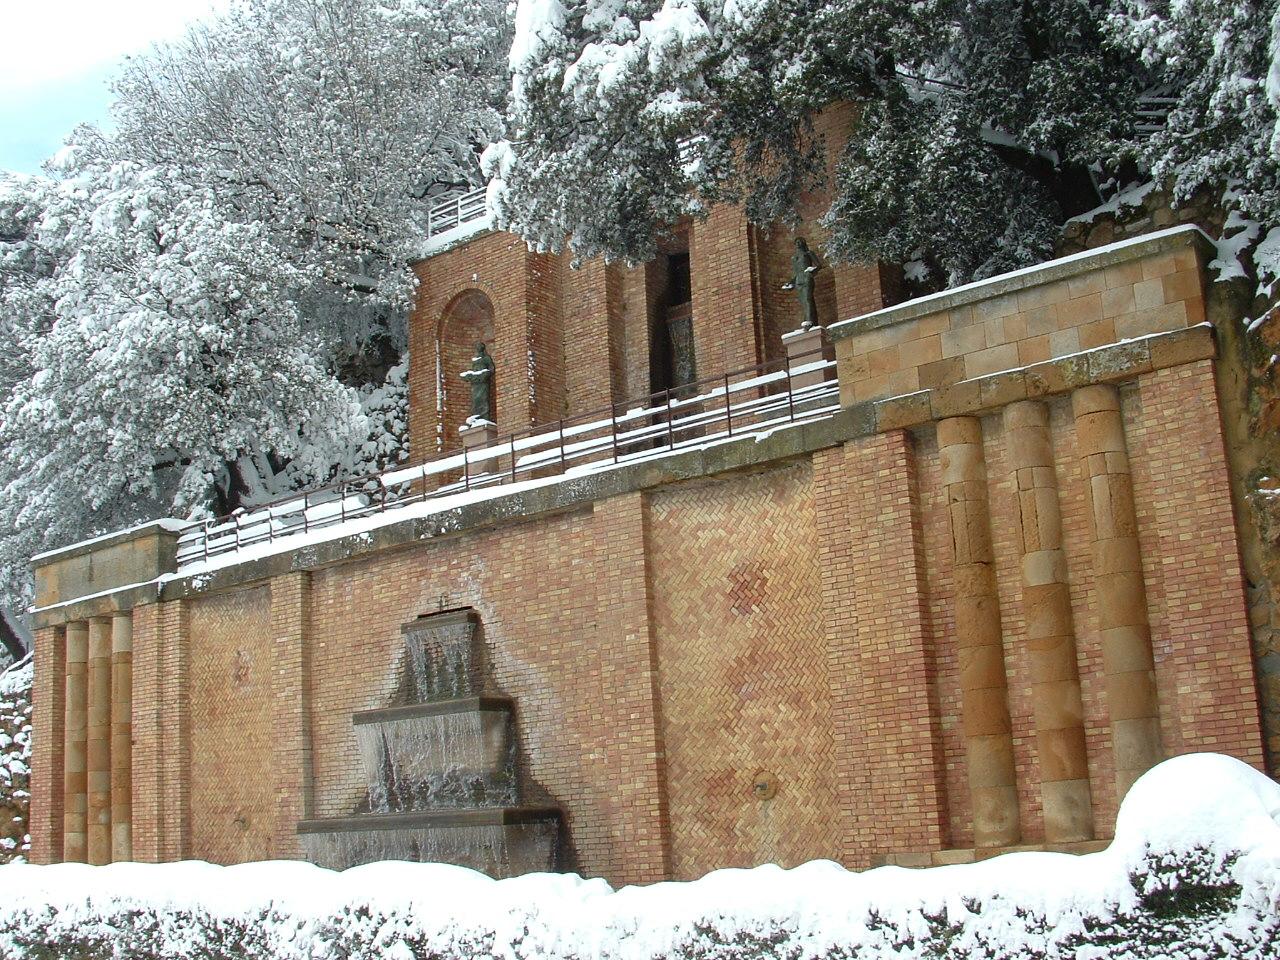 Volterra fotoreportage neve 9/10 marzo 2010..l'apoteosi nevosa!!-foto-mattina-volterra-10-marzo-2010-2-12-.jpg